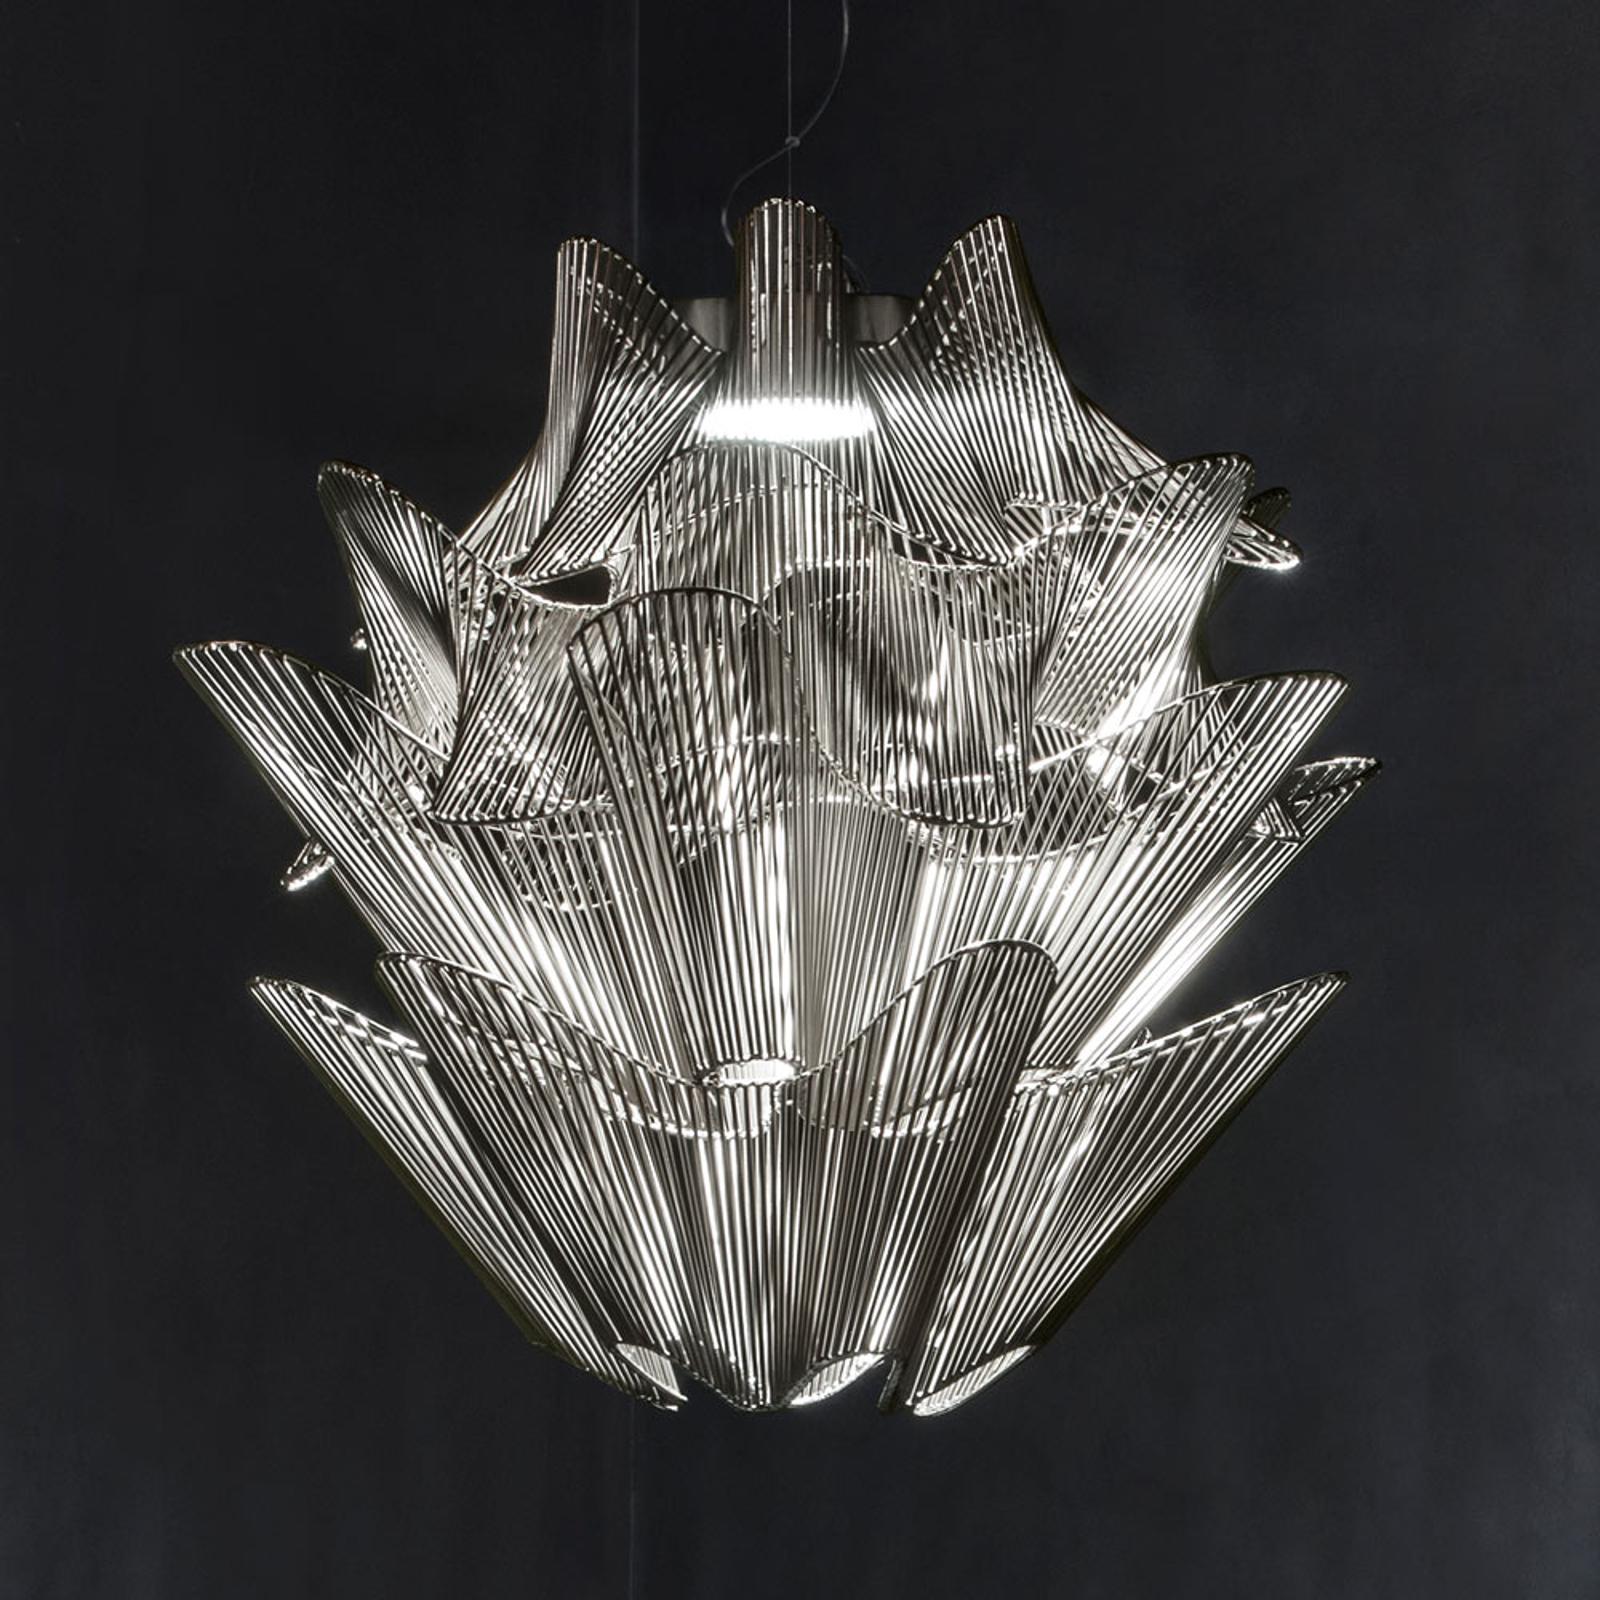 Terzani Moiré LED-hengelampe i nikkel